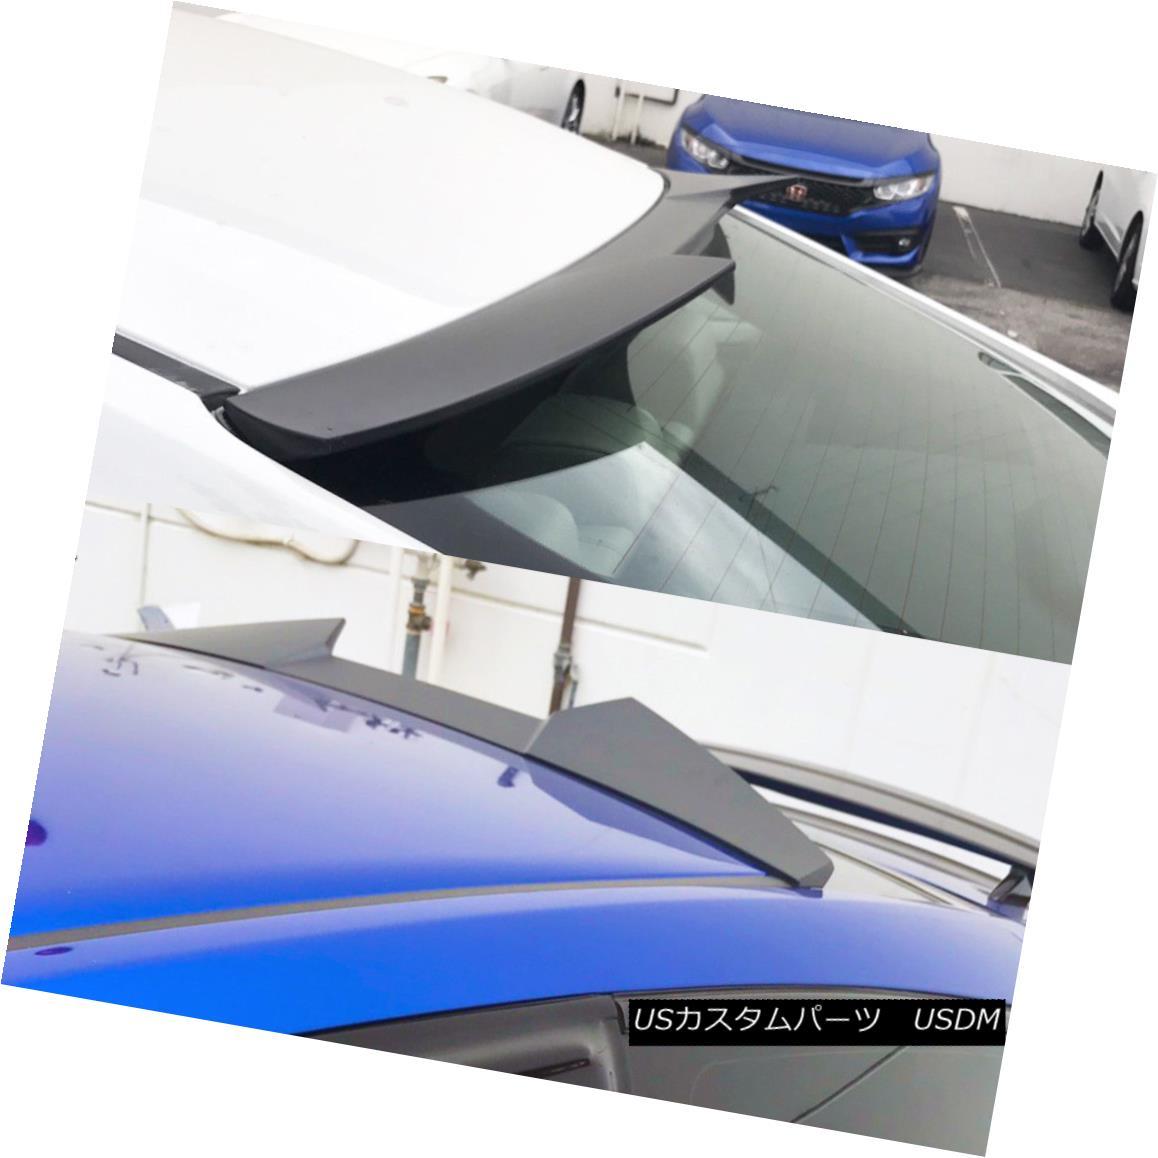 エアロパーツ For Honda Civic 10th Coupe V Look Rear Boot Roof Spoiler Wing 16-18 Carbon Fiber ホンダシビック10クーペVルックルーフルーフスポイラーウイング16-18カーボンファイバー